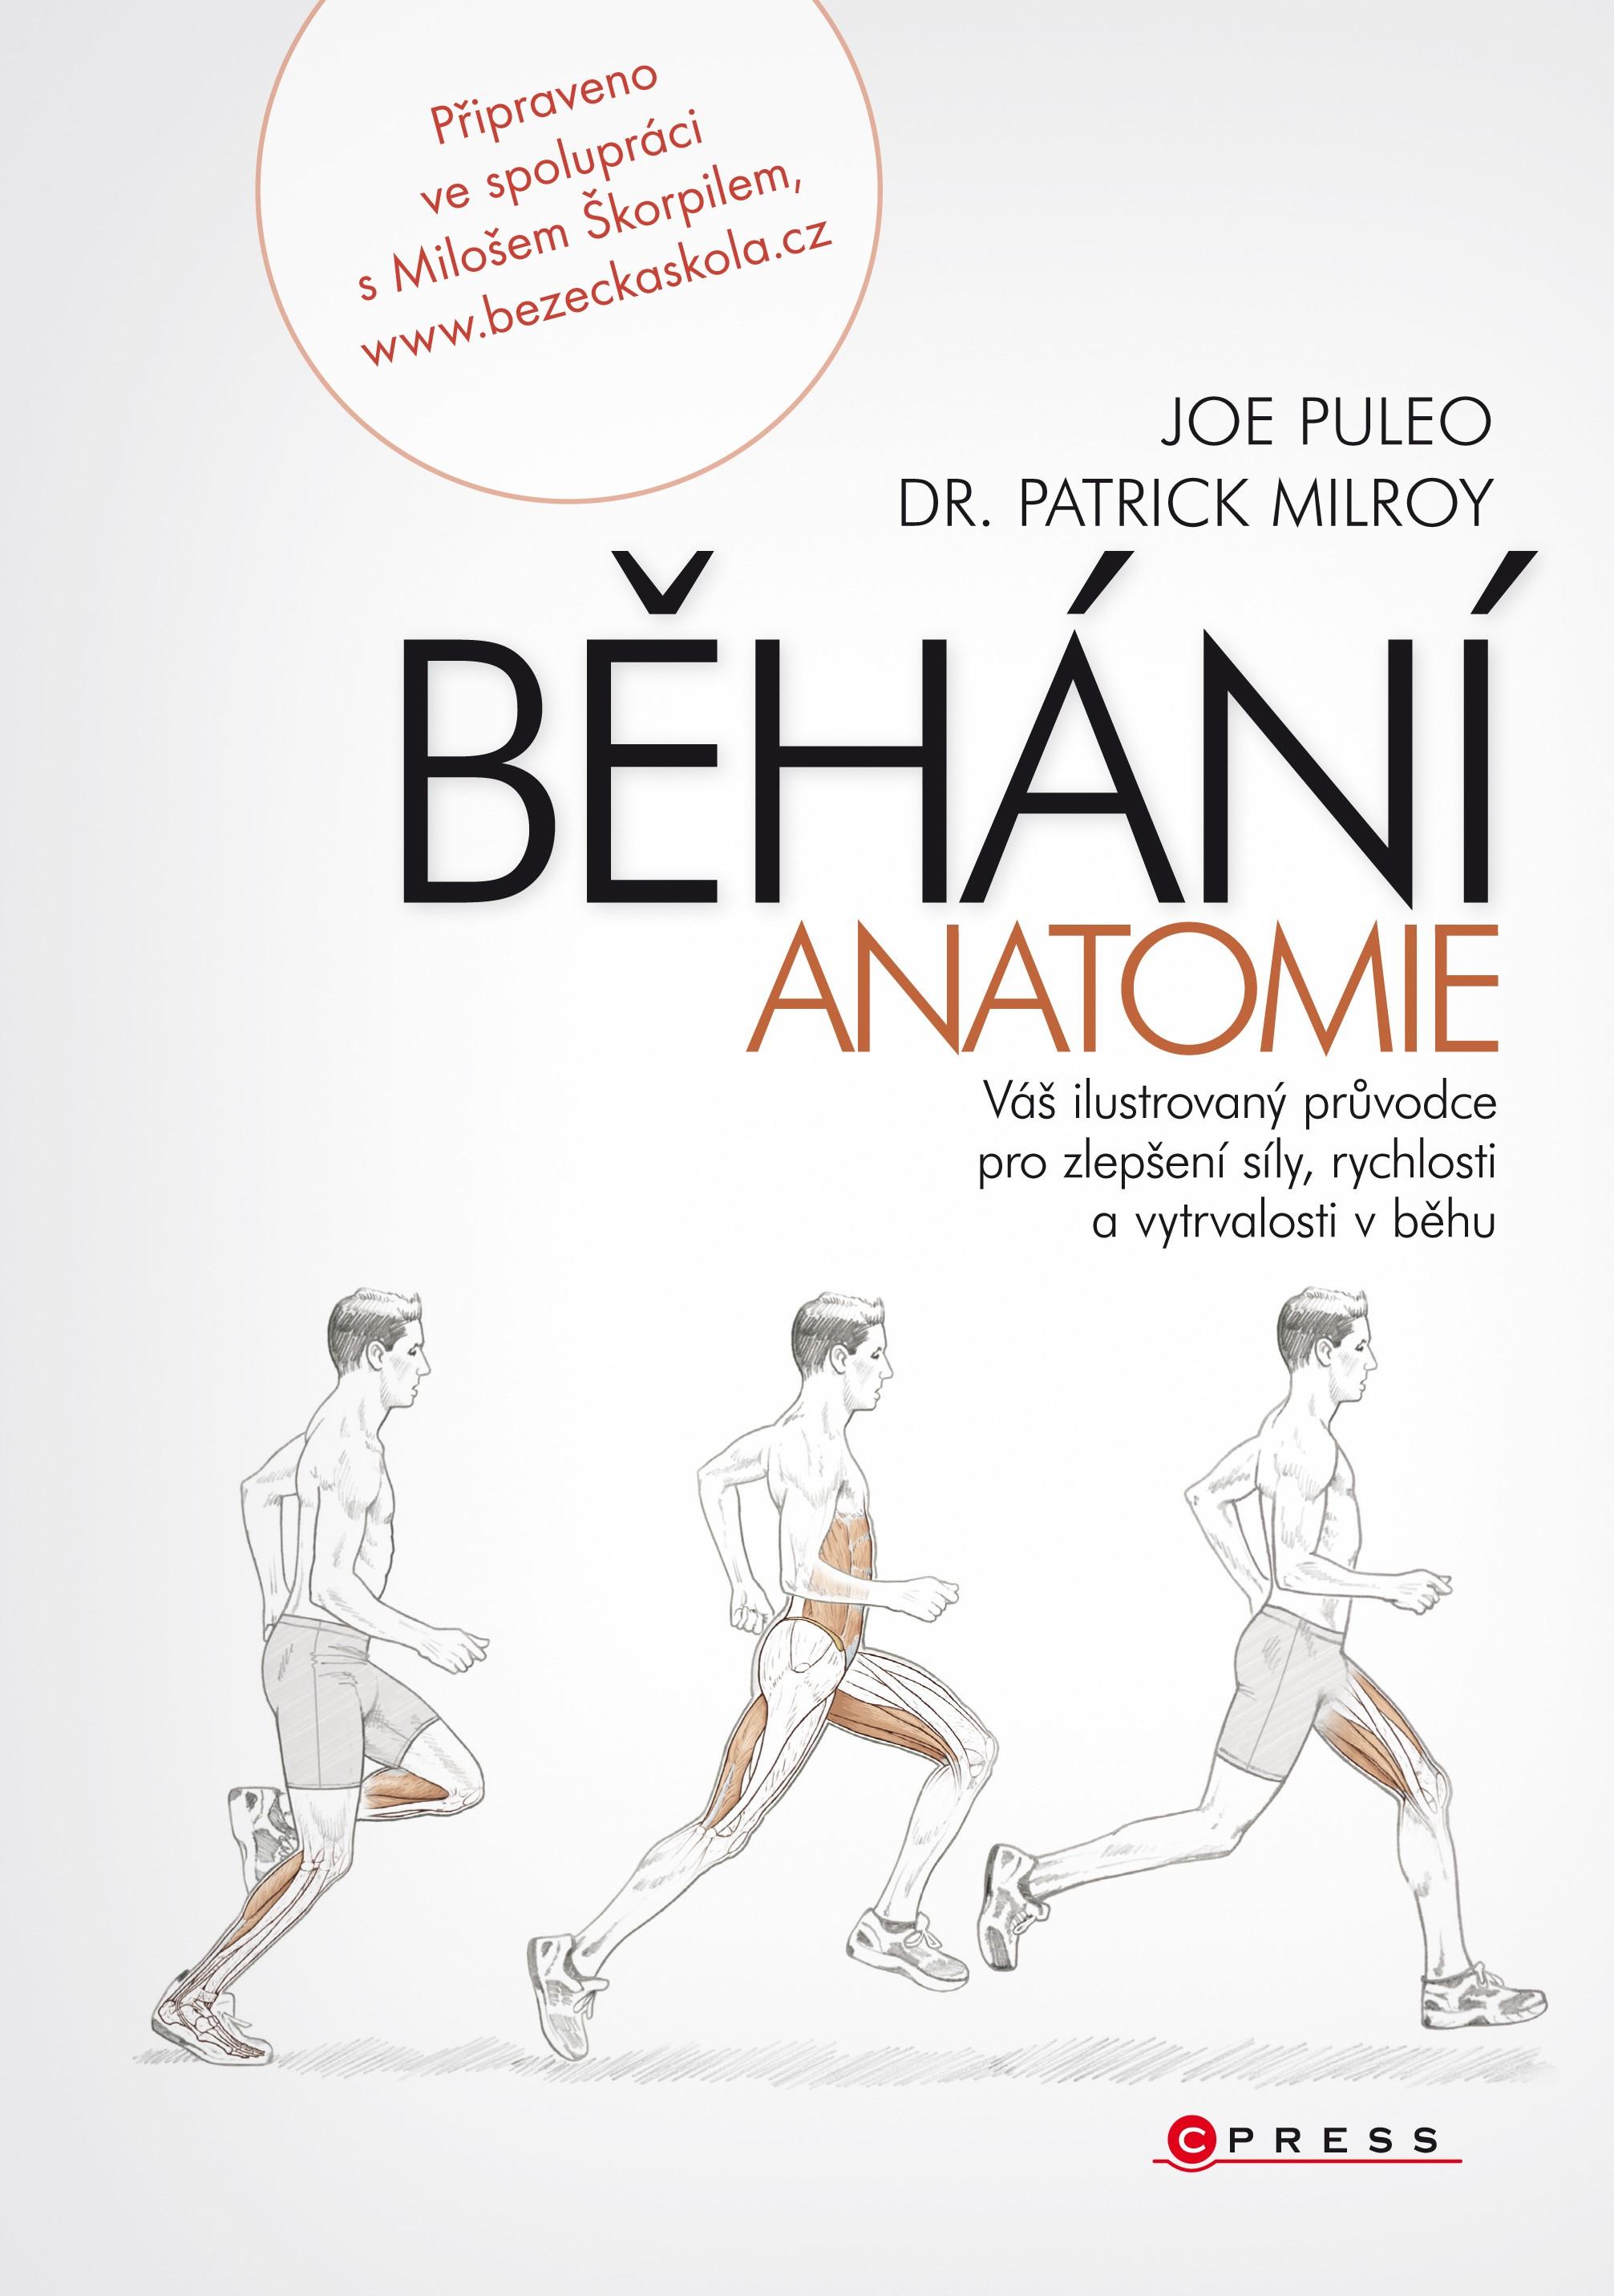 Běhání - anatomie | Joe Puleo, Patrick Milroy